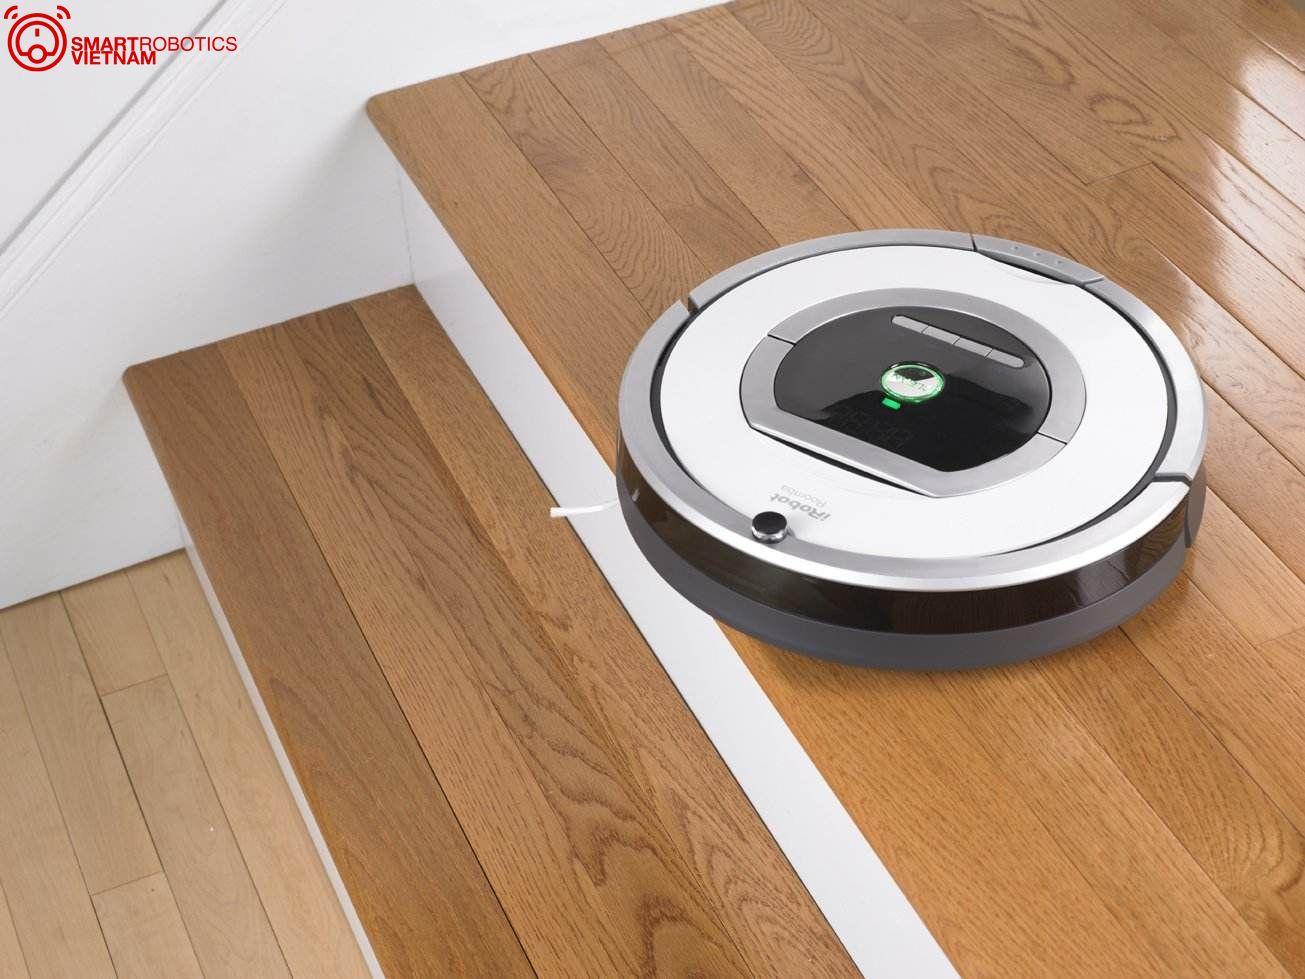 robot hút bụi lau nhà Irobot Roomba